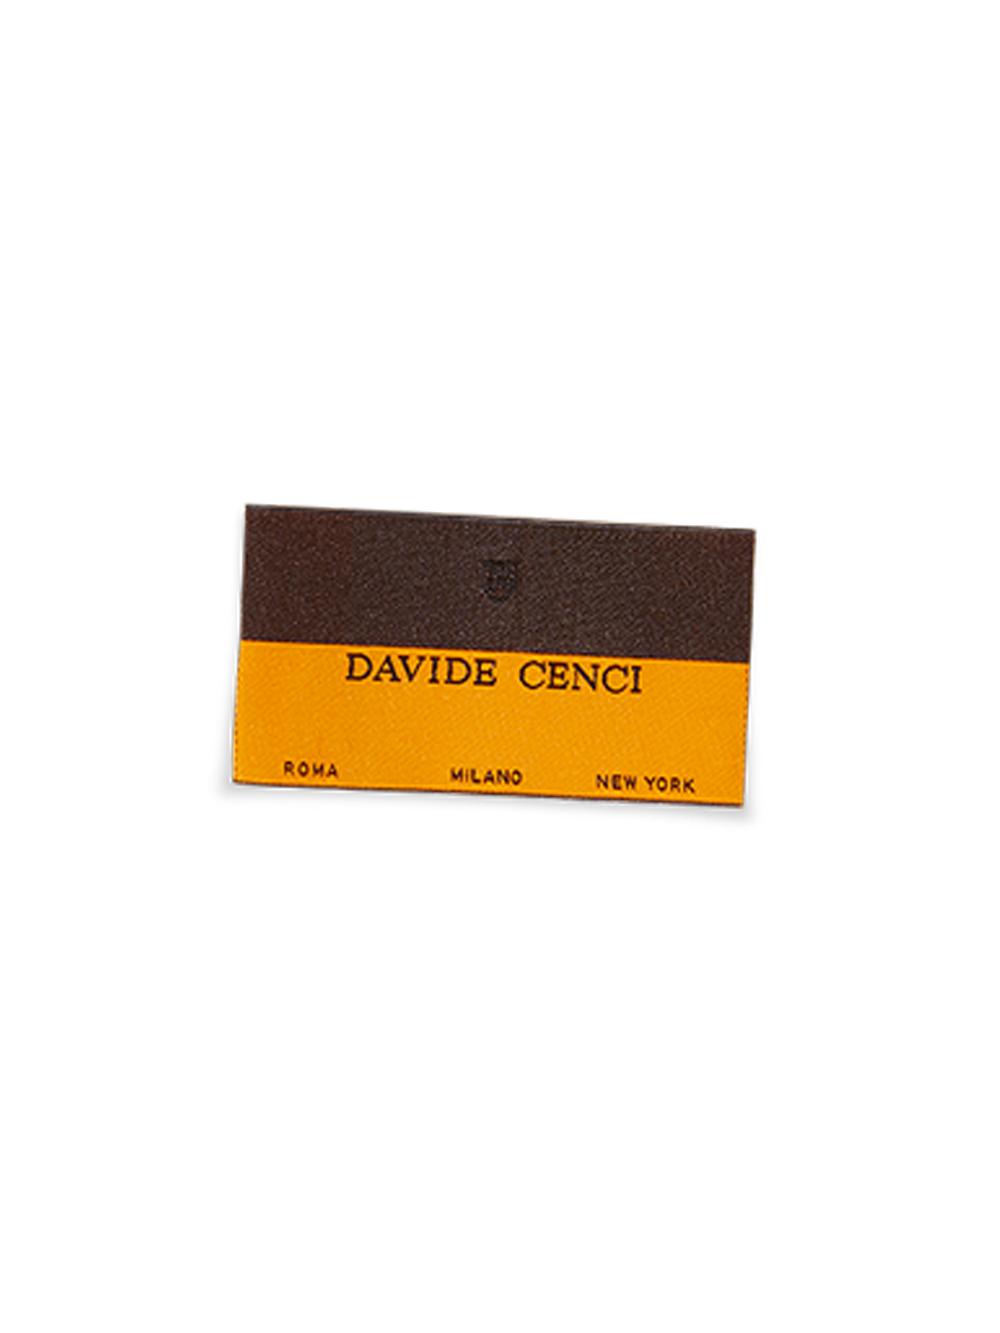 Blue vintage leather men's belt Davide Cenci